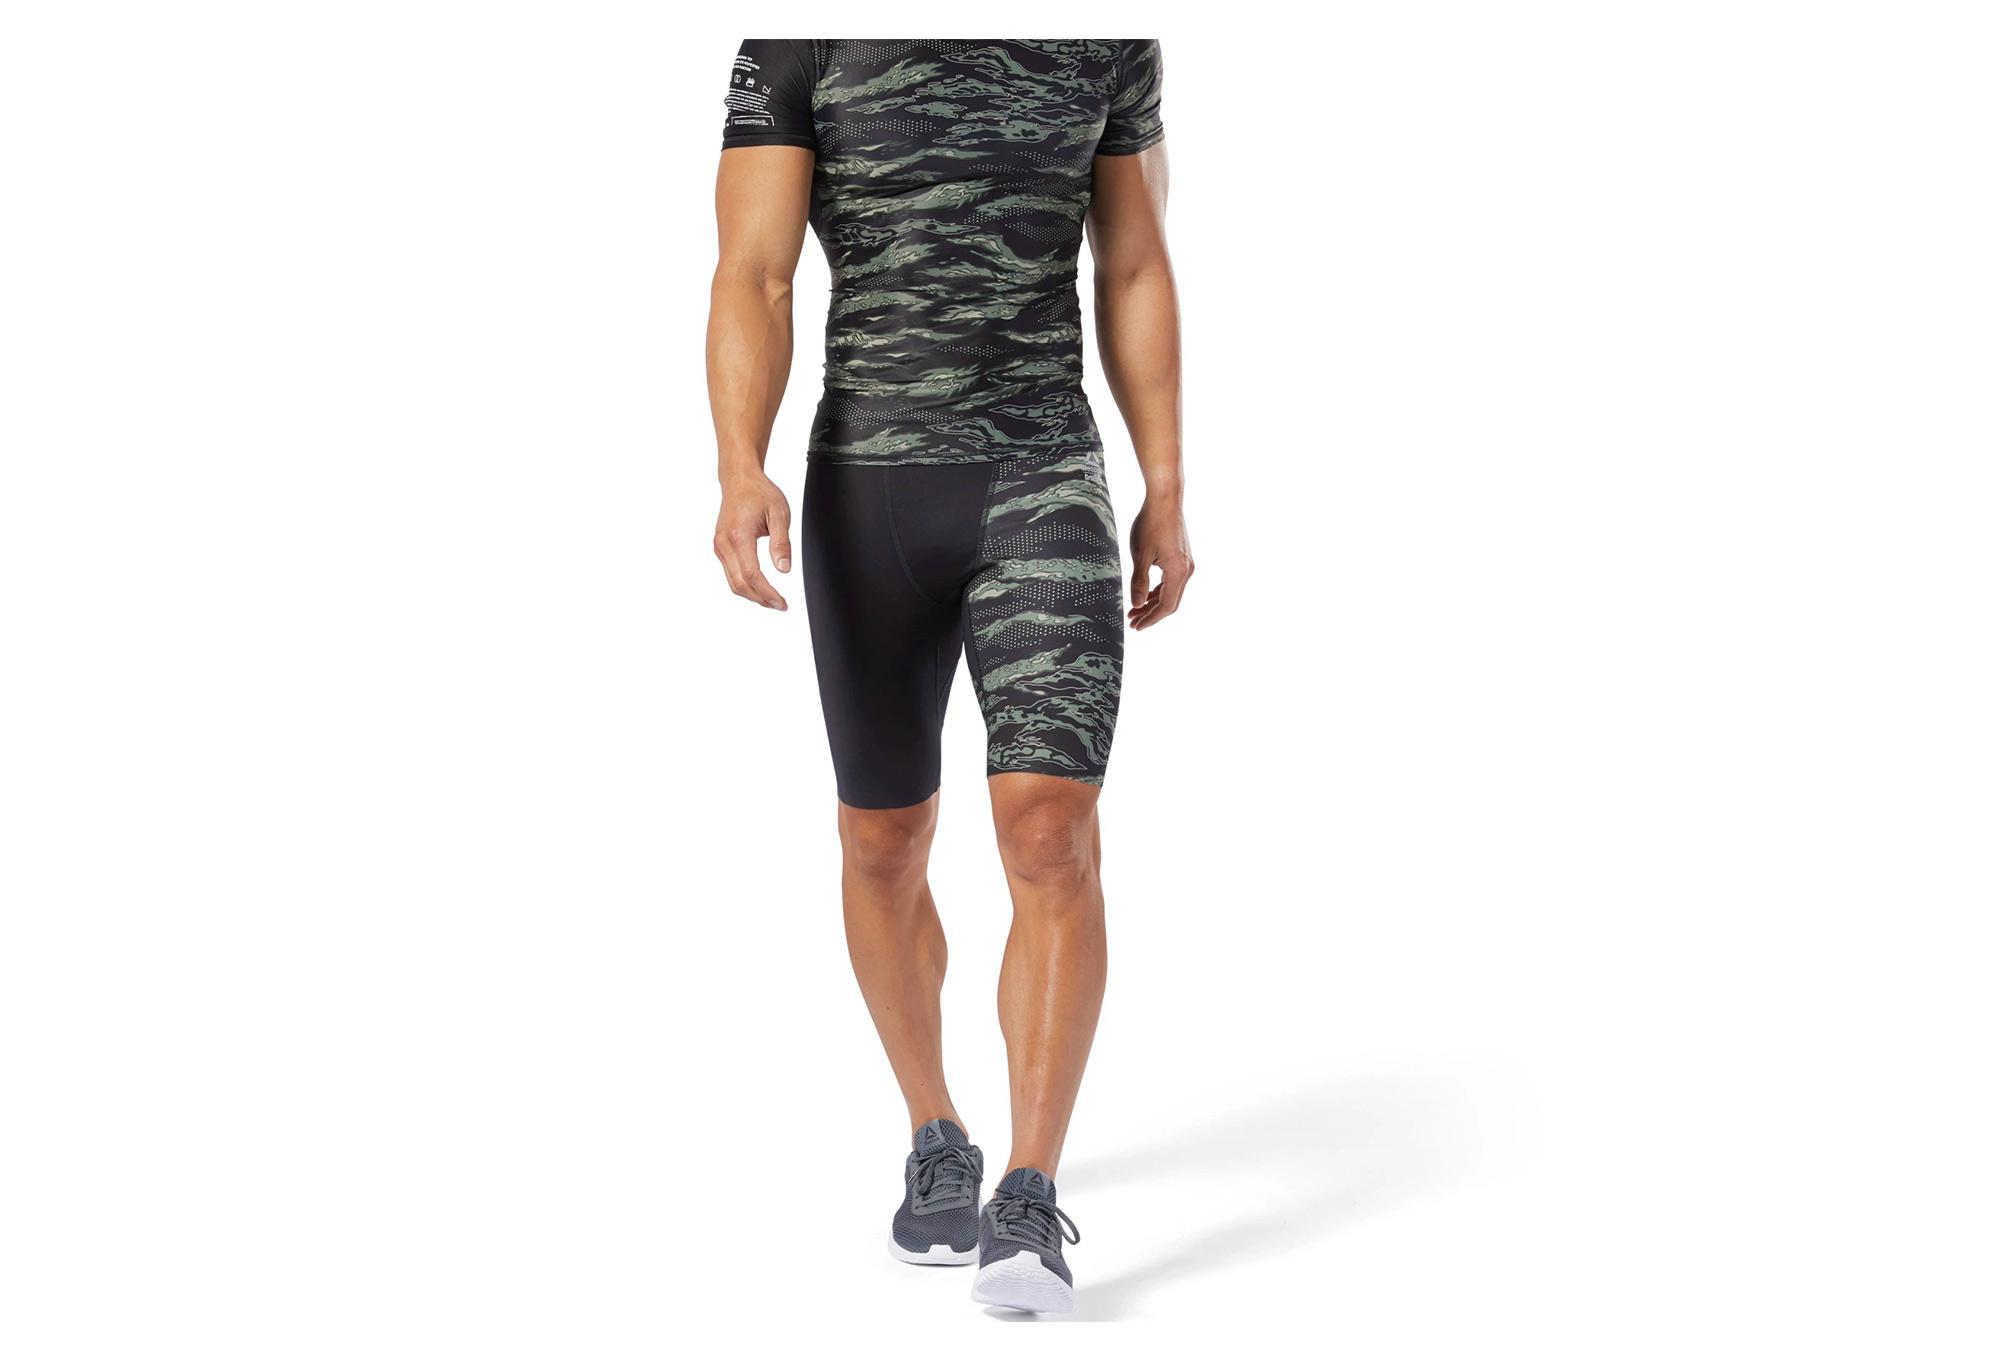 mejor selección 9d6c4 64b49 Reebok CrossFit pantalones cortos de compresión Camo negro